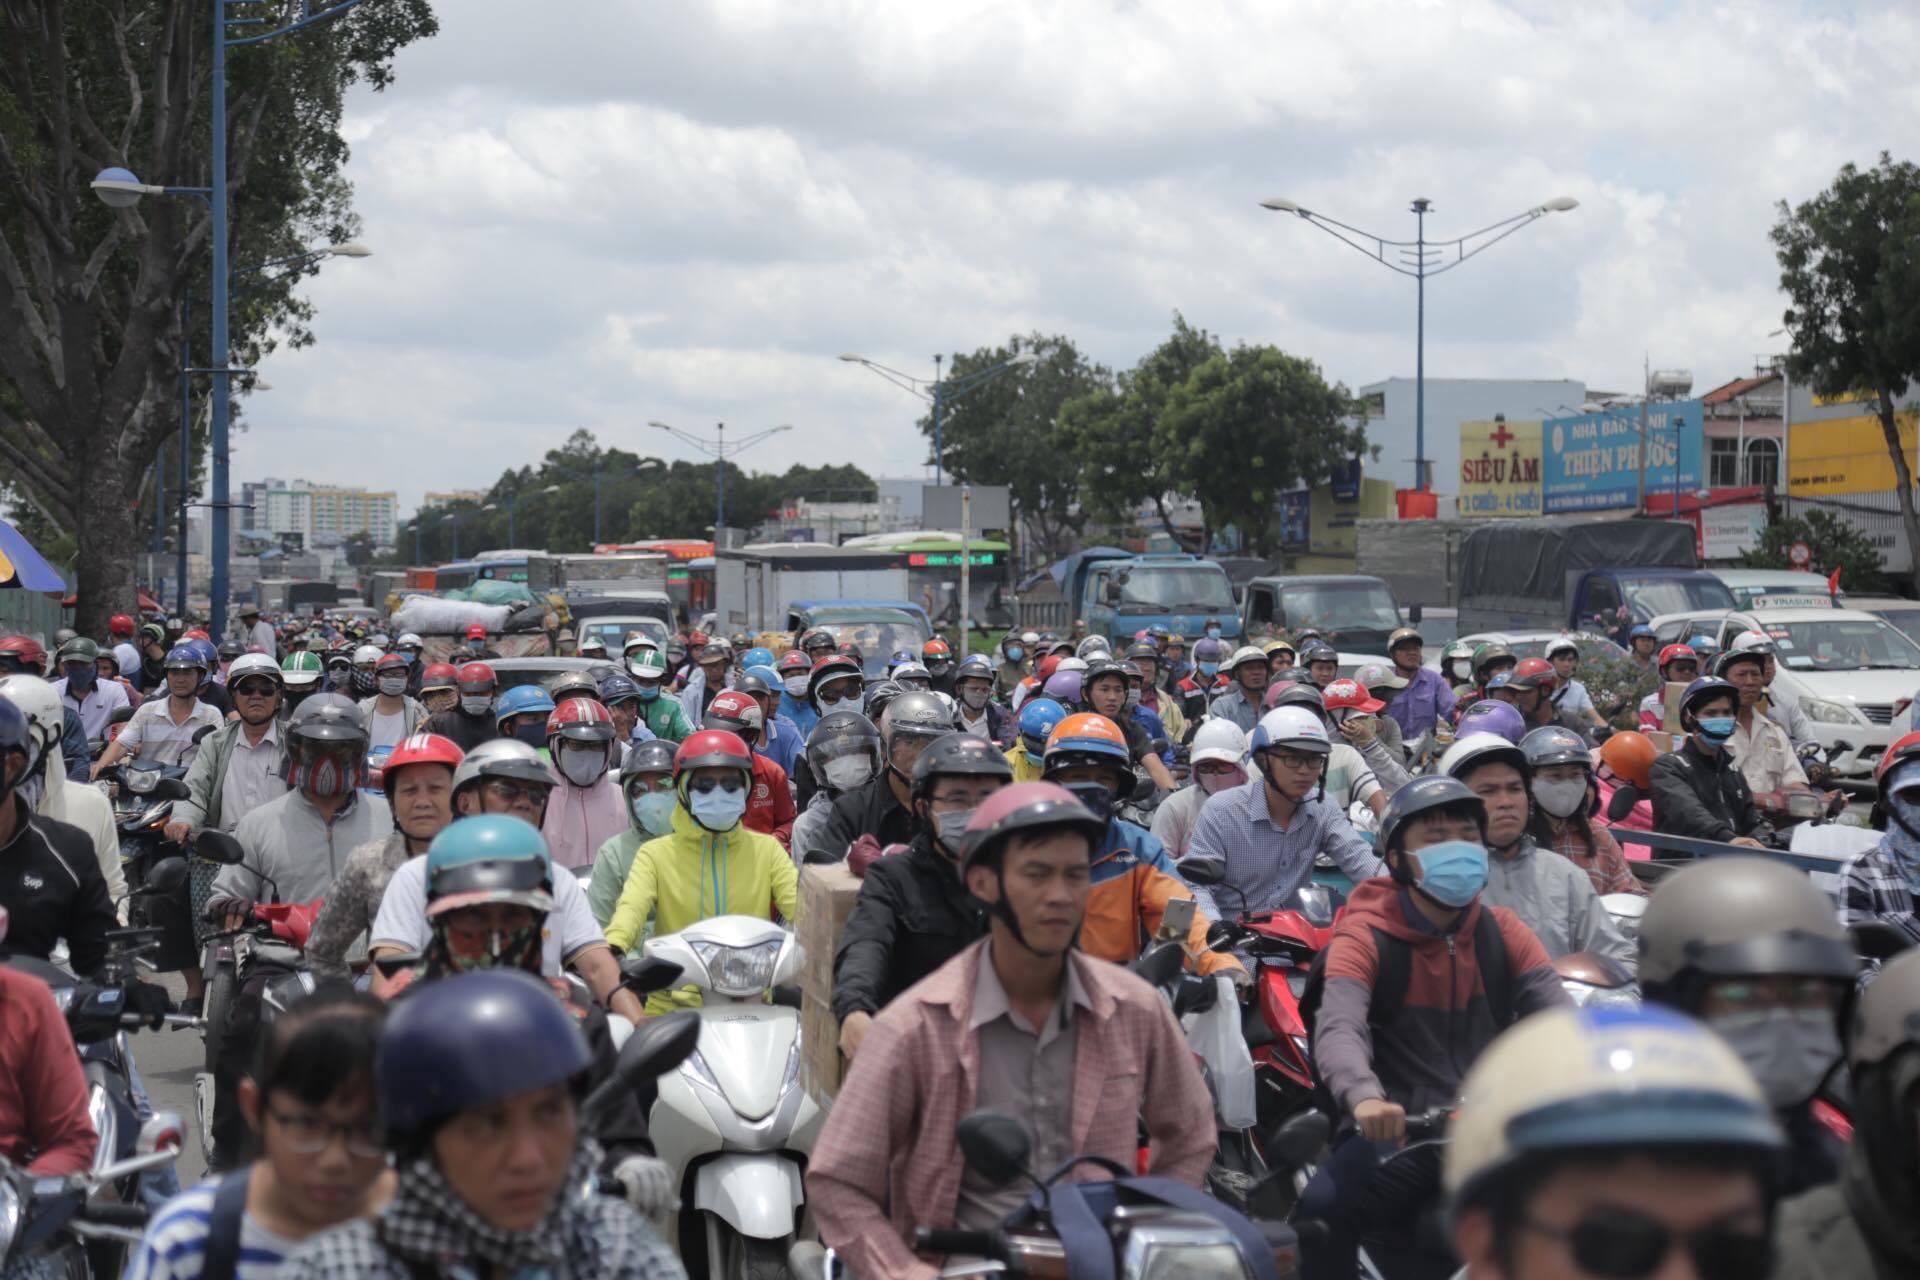 VZN News: Va chạm với xe máy Go-Viet, khách nữ GrabBike ngã ra đường bị xe tải cán tử vong, tài xế hoảng loạn - Ảnh 3.